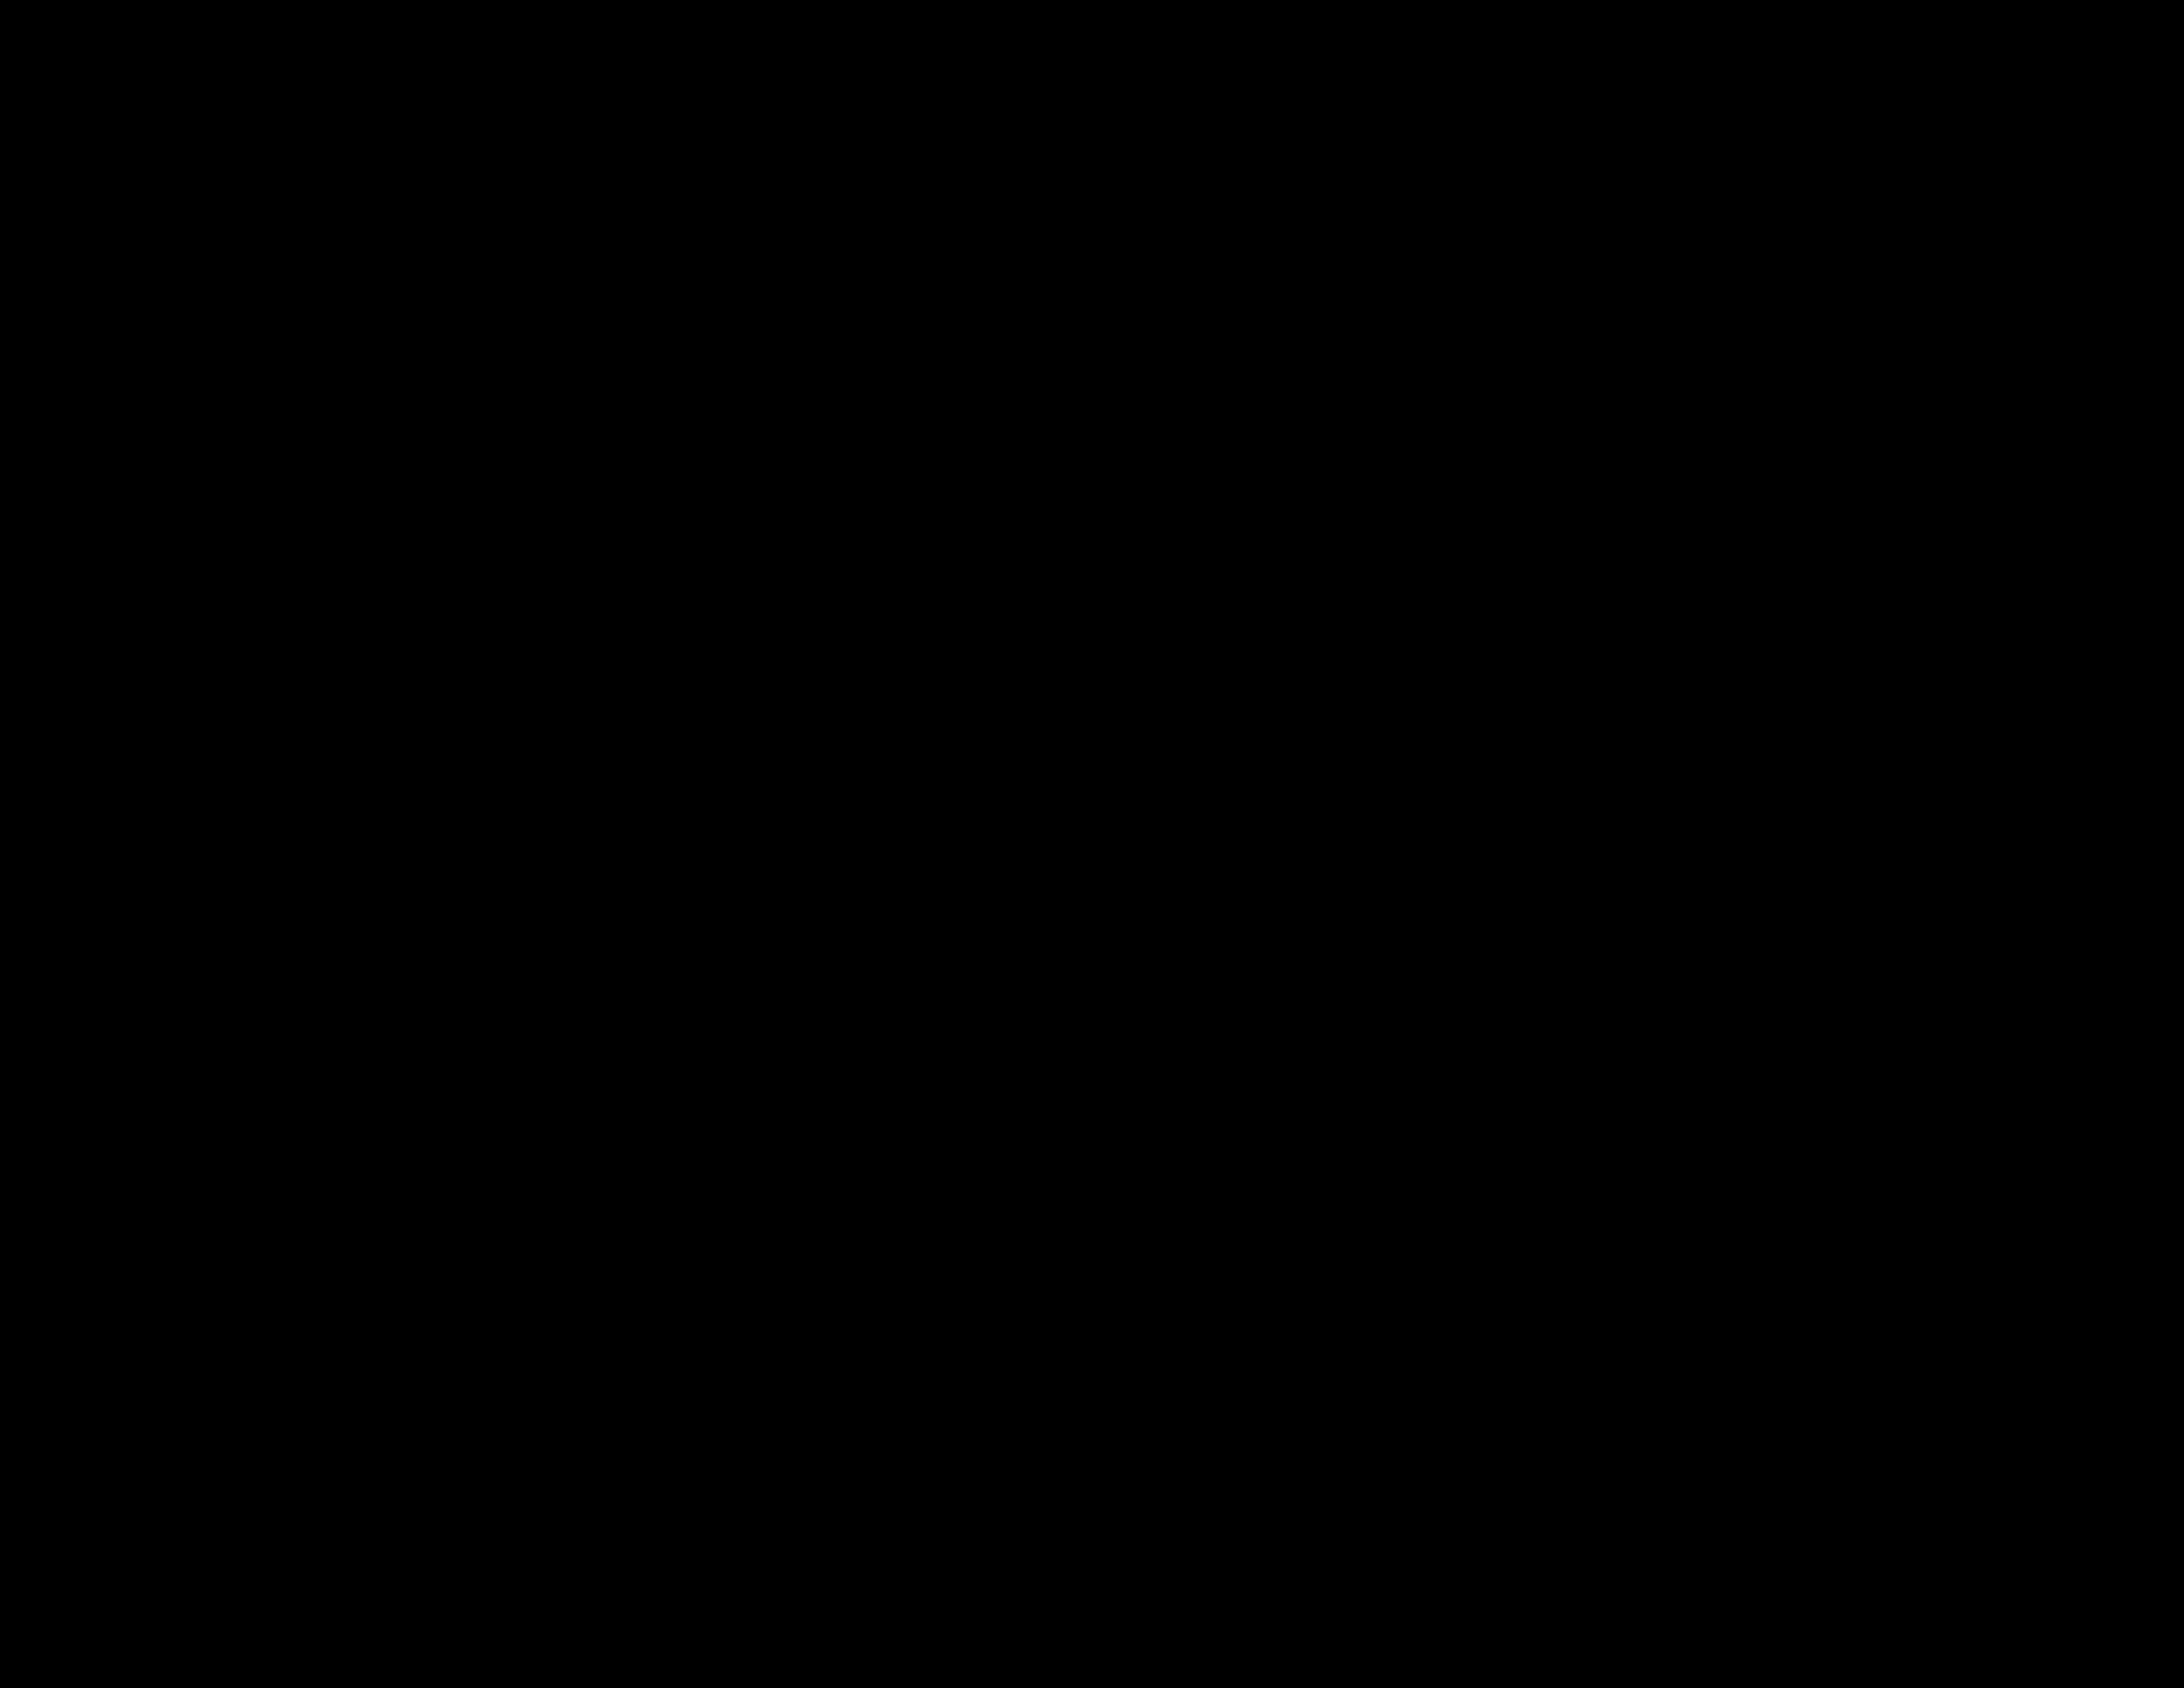 hlg_2923